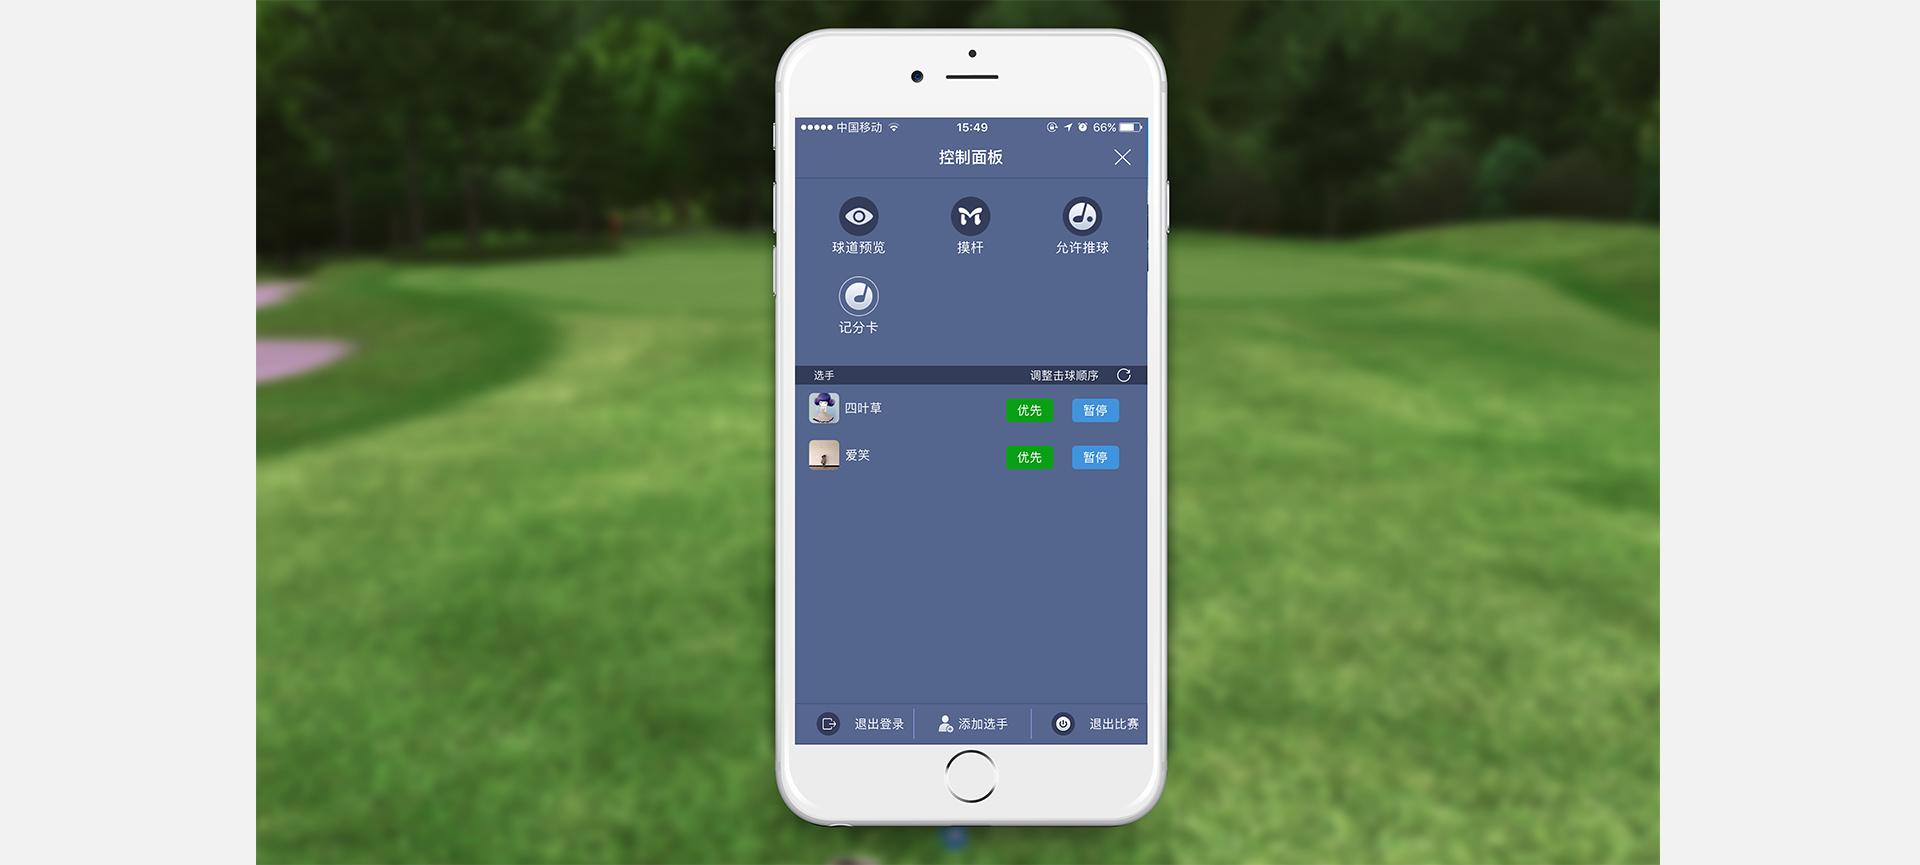 衡泰信模拟高尔夫新功能4.jpg